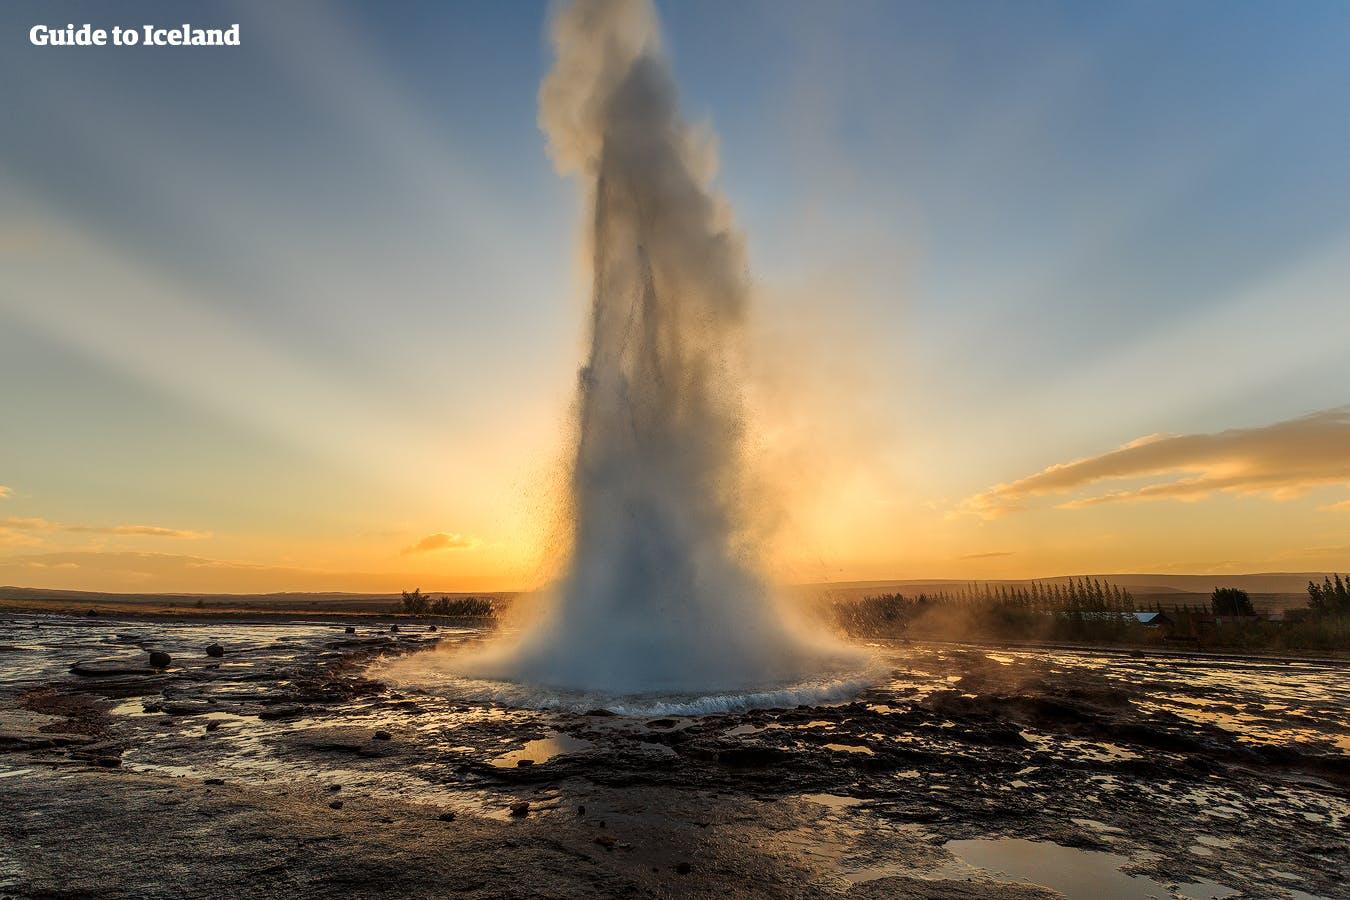 Reise auf deiner 10-tägigen Mietwagenrundreise am Goldenen Kreis und beobachte den Ausbruch des Geysirs Strokkur im Haukadalur-Tal.